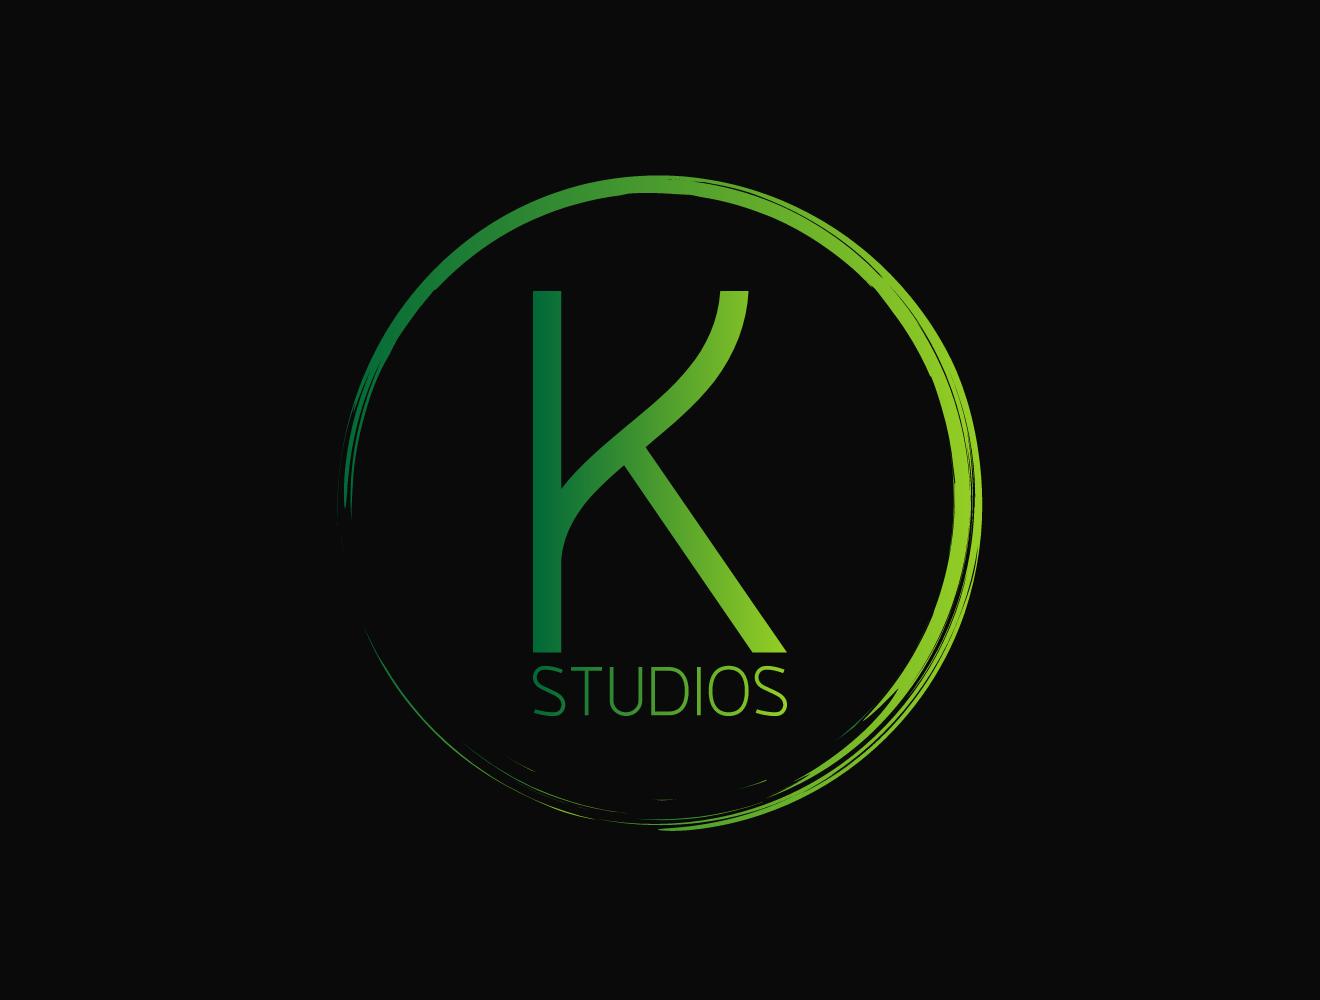 K STUDIOS primary image